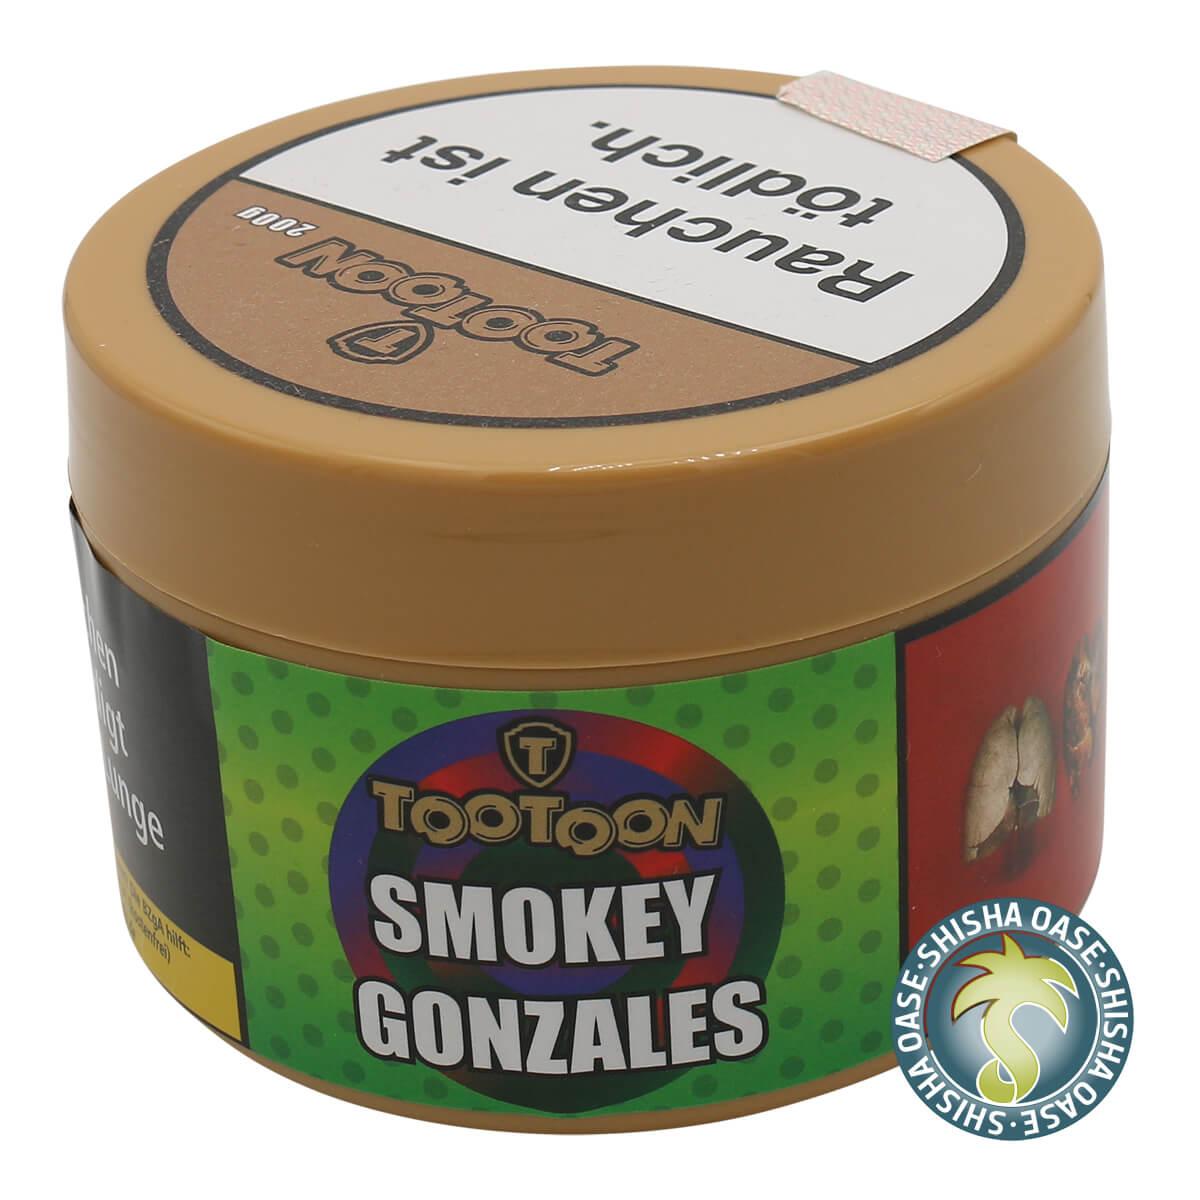 Too Toon Tabak 200g | Smokey Gonzalez